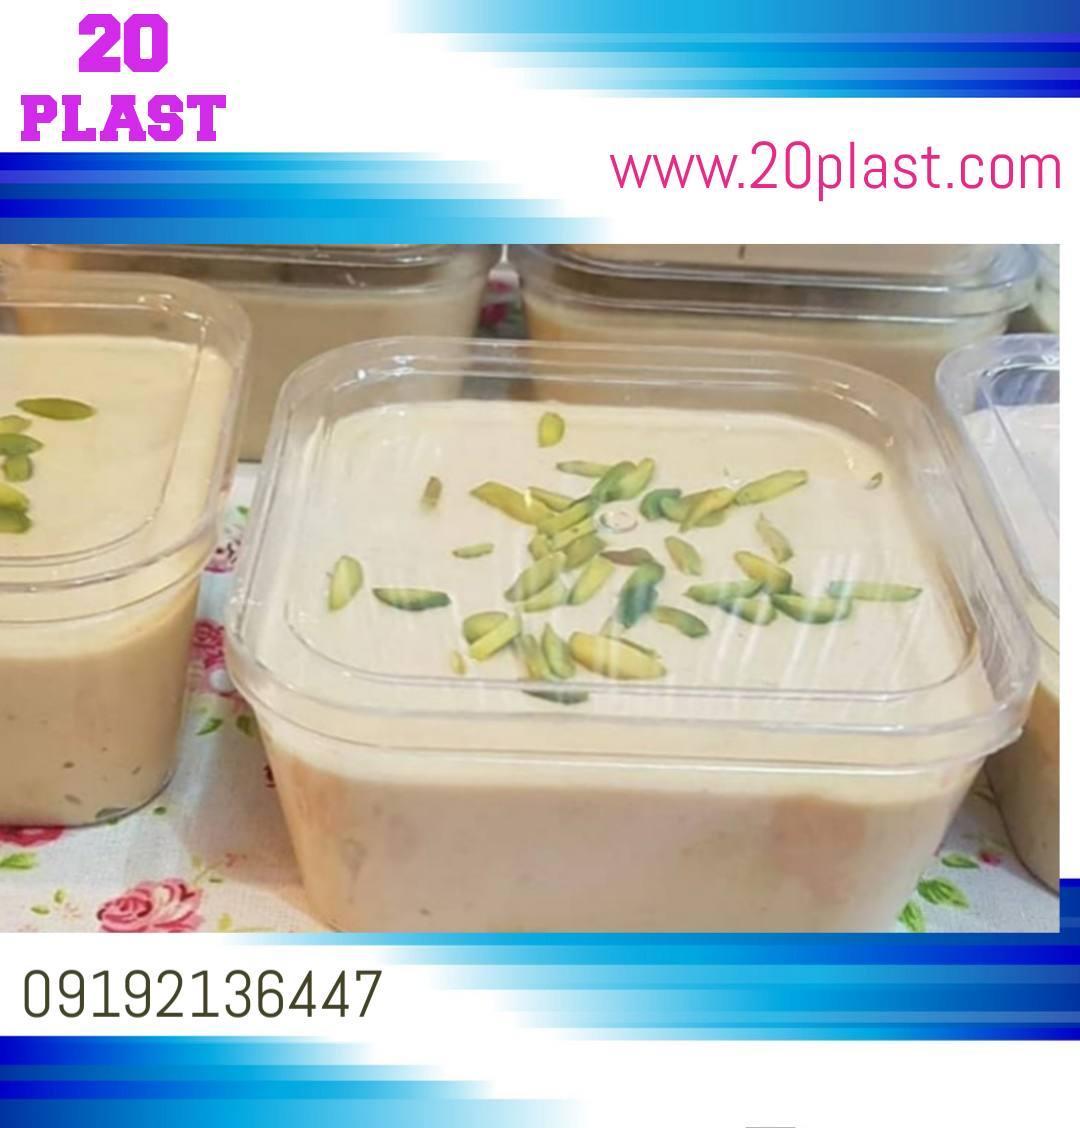 فروش ظروف یکبار مصرف لوکس